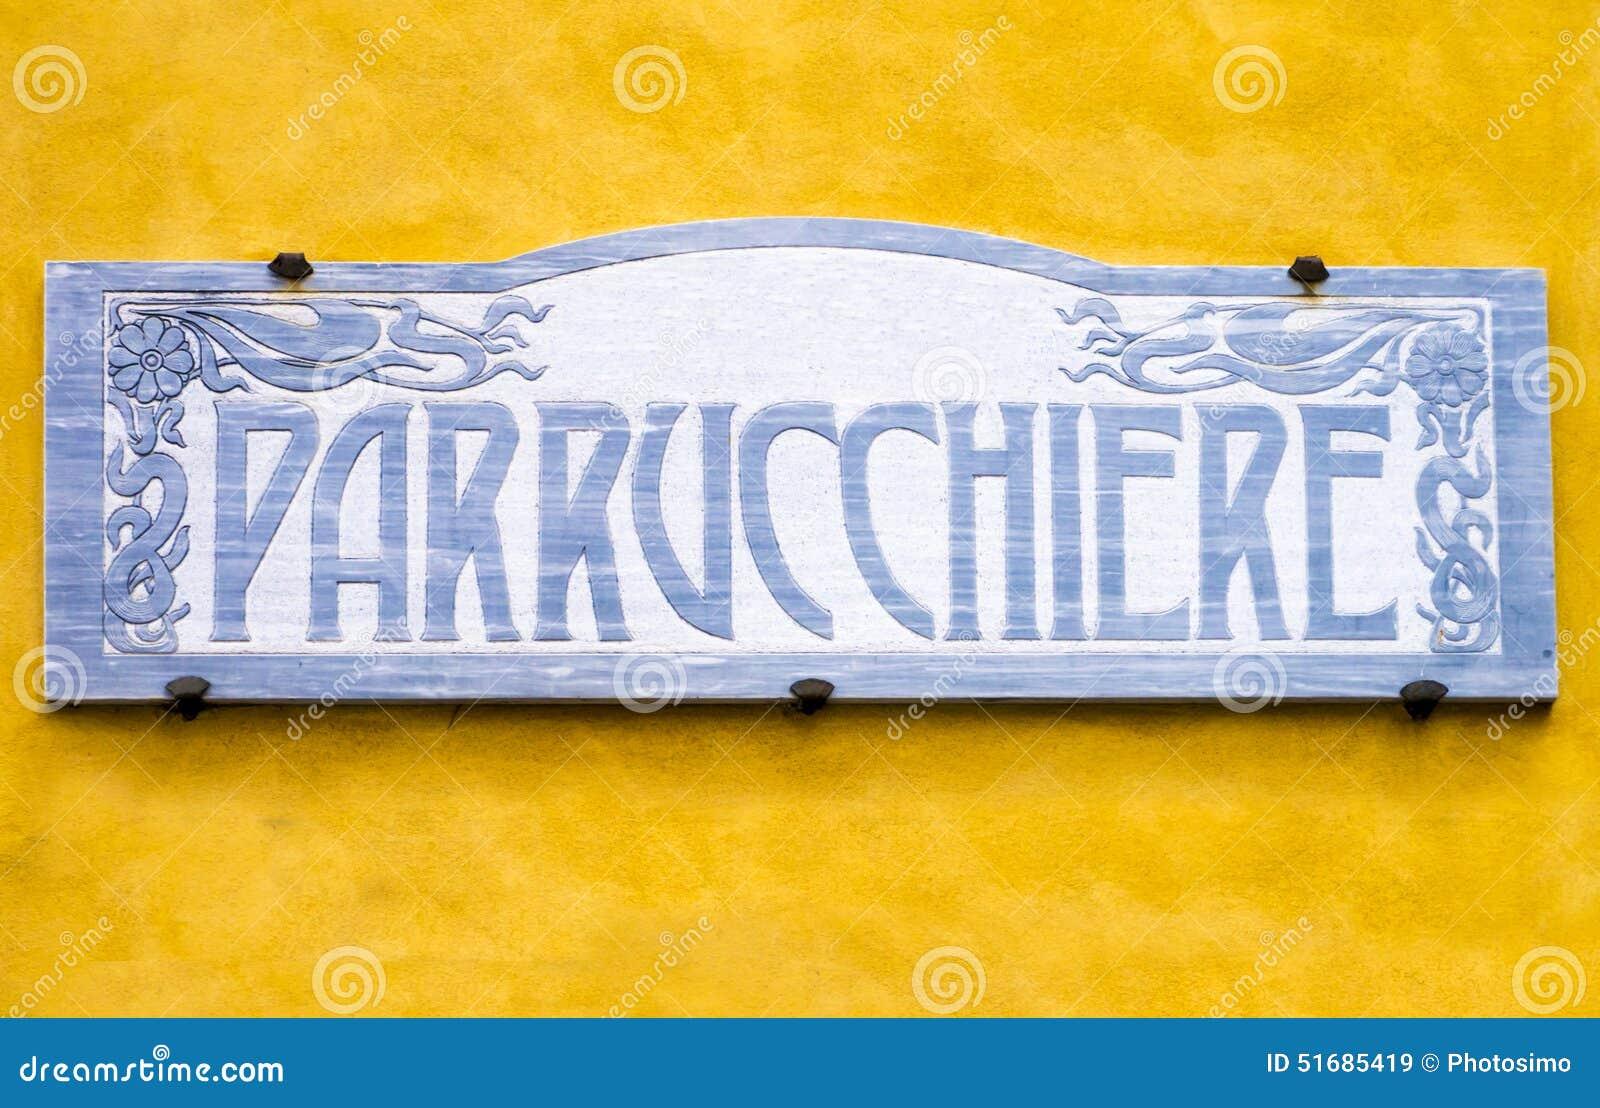 italian vintage barber shop signboard stock photo image 51685419. Black Bedroom Furniture Sets. Home Design Ideas